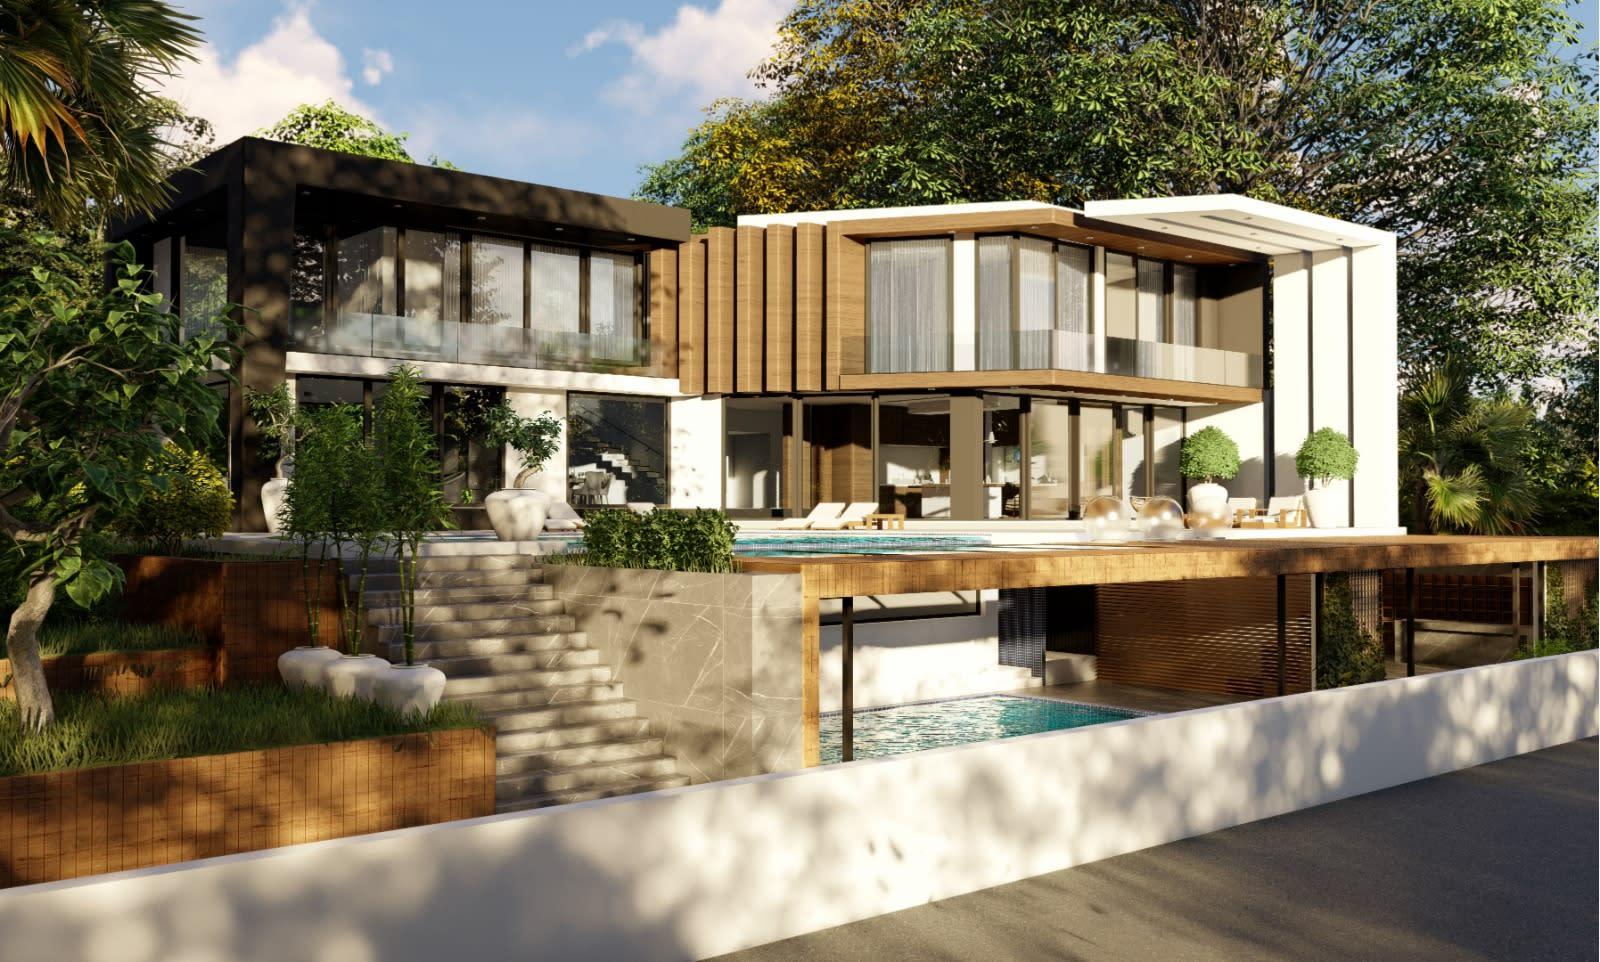 Yukarı Girne'de 7+1 Satılık Dağ, Deniz ve Orman Manzaralı Lüks Villa 5089